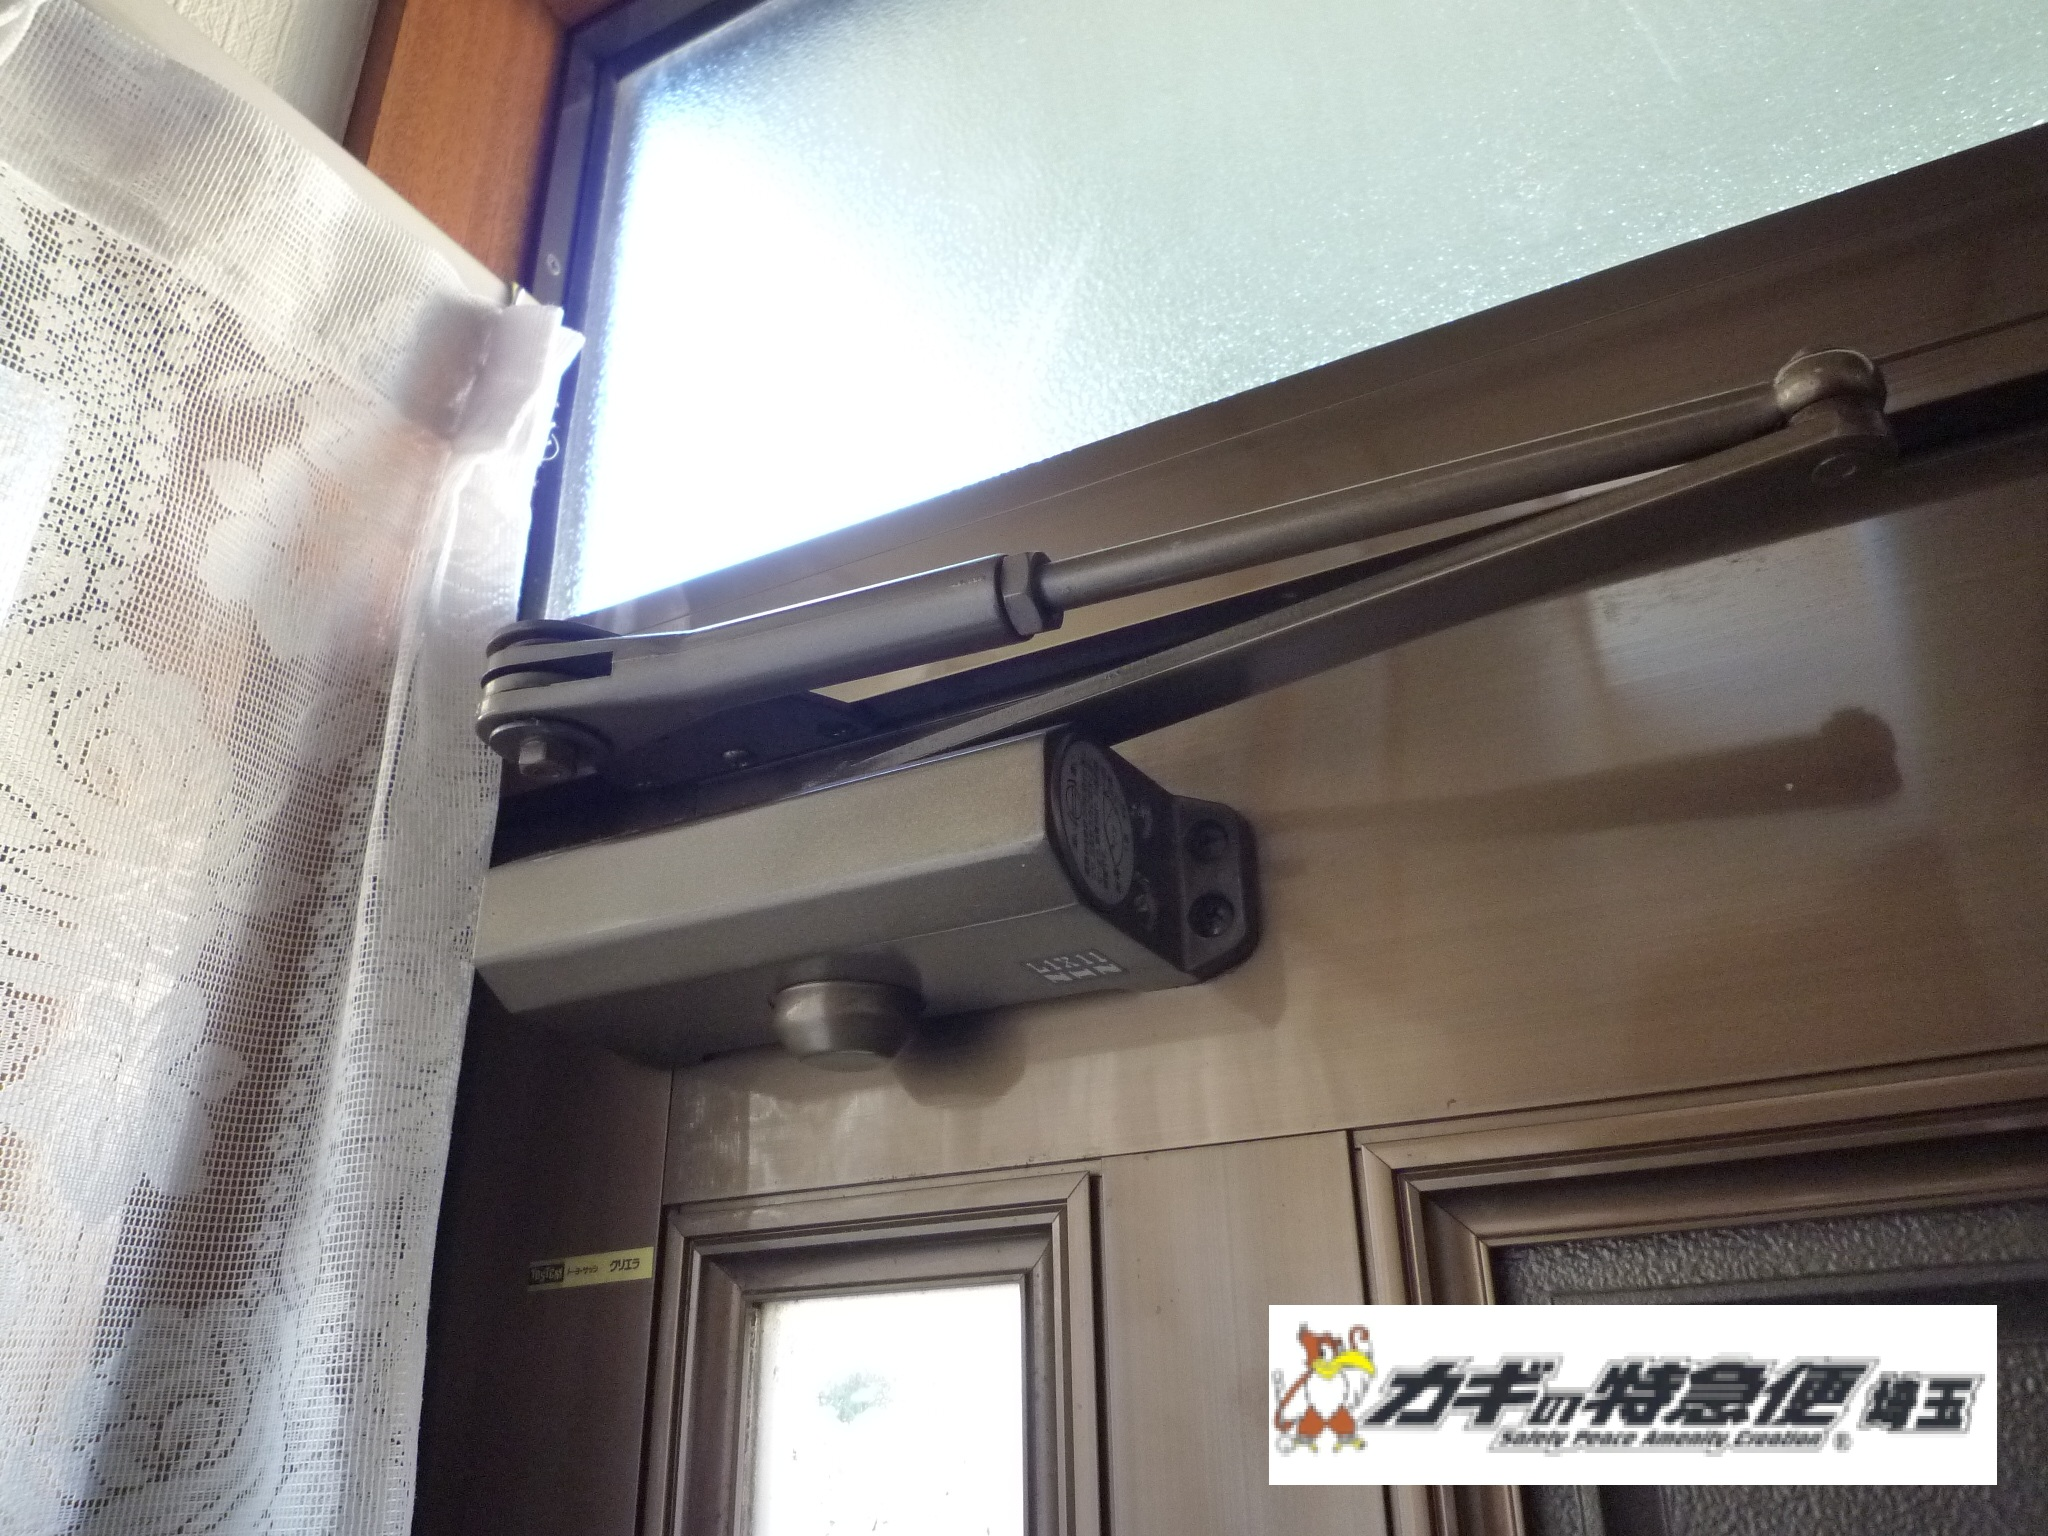 ドアクローザーの交換修理(NHNドアクローザーの交換 埼玉県さいたま市)